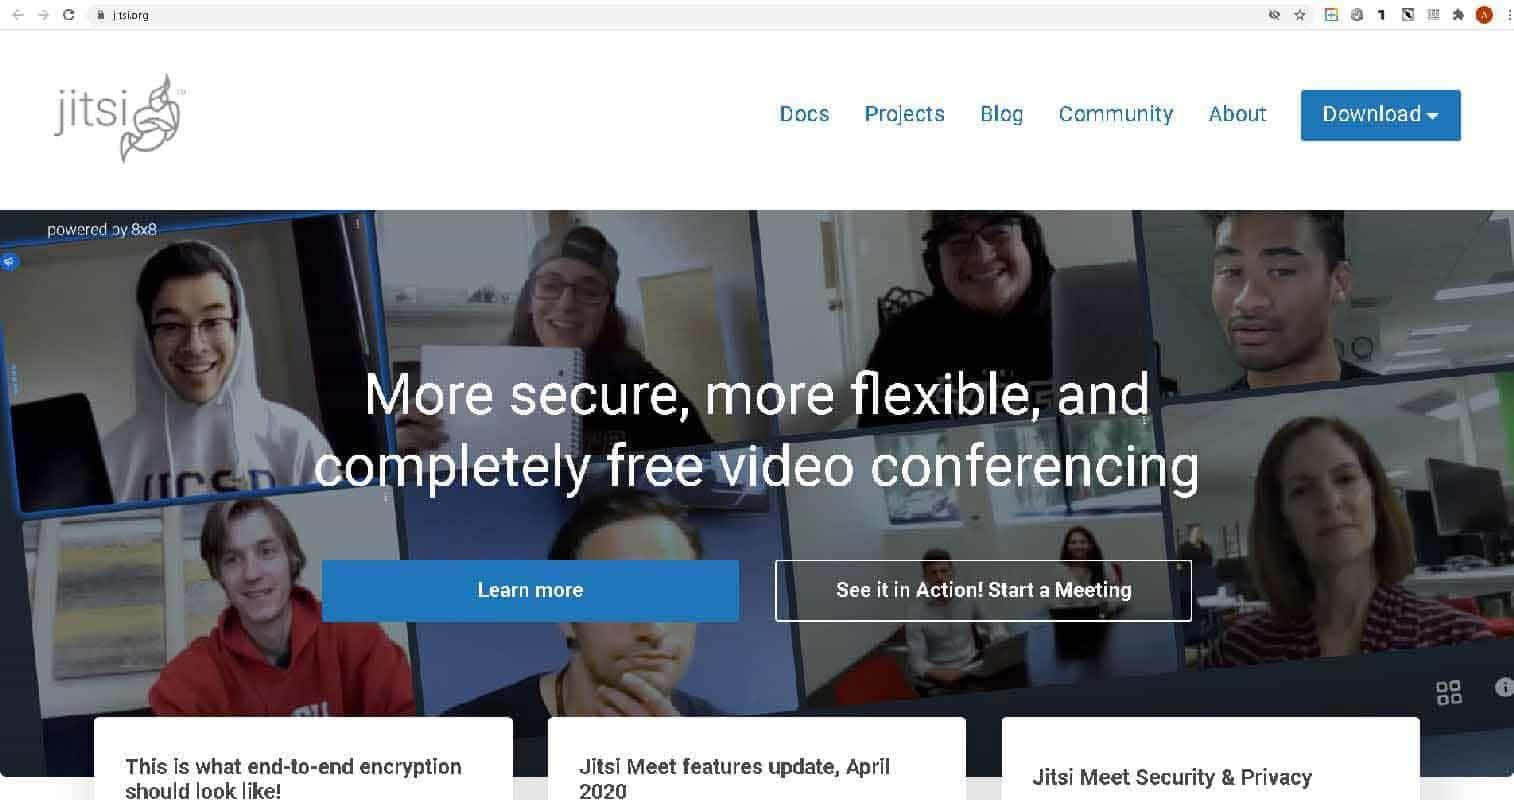 Видеоконференции через интернет от Jitsi